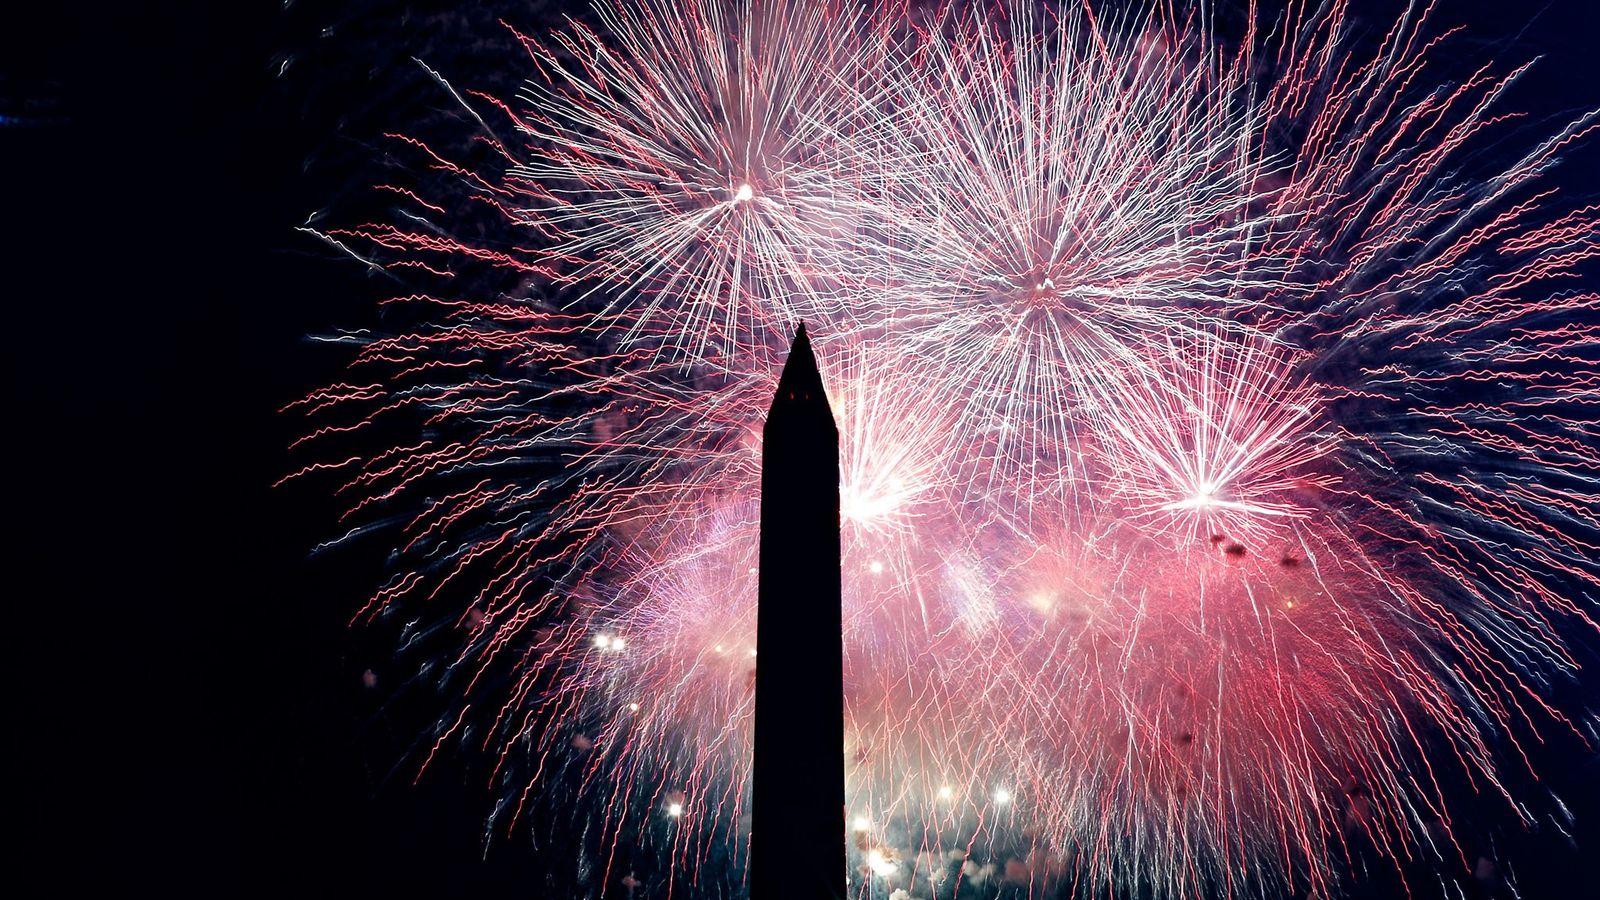 Des feux d'artifice éclatent par-dessus le Washington Monument lors des festivités du Jour de l'Indépendance du ...